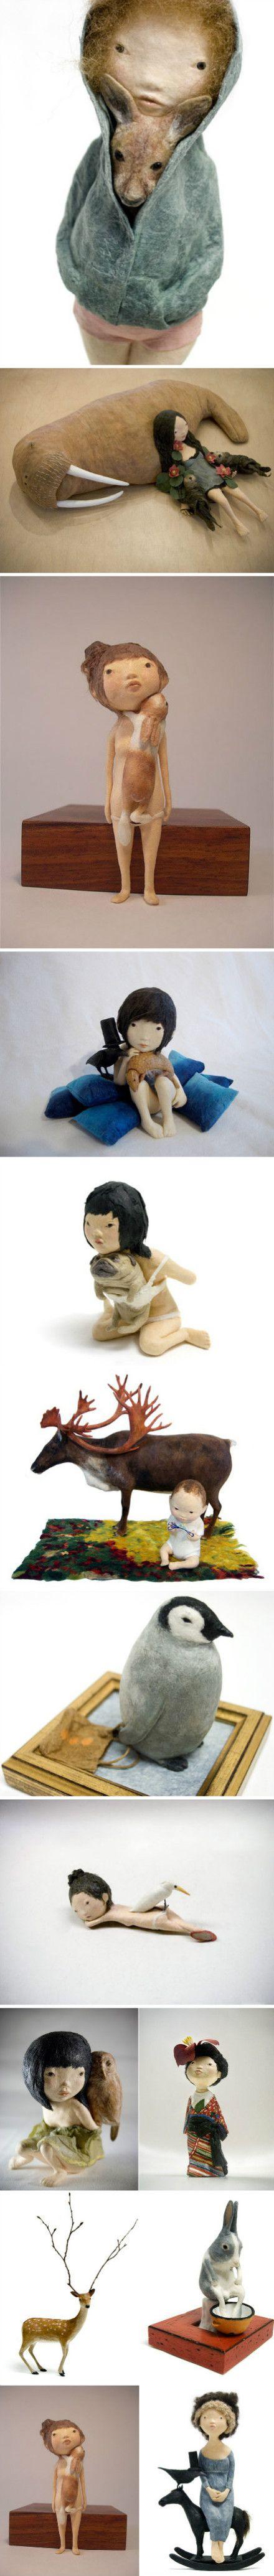 日本艺术家大久保恭子(Kyoko Okubo)羊毛毡…_来自阿宛的图片分享-堆糖网